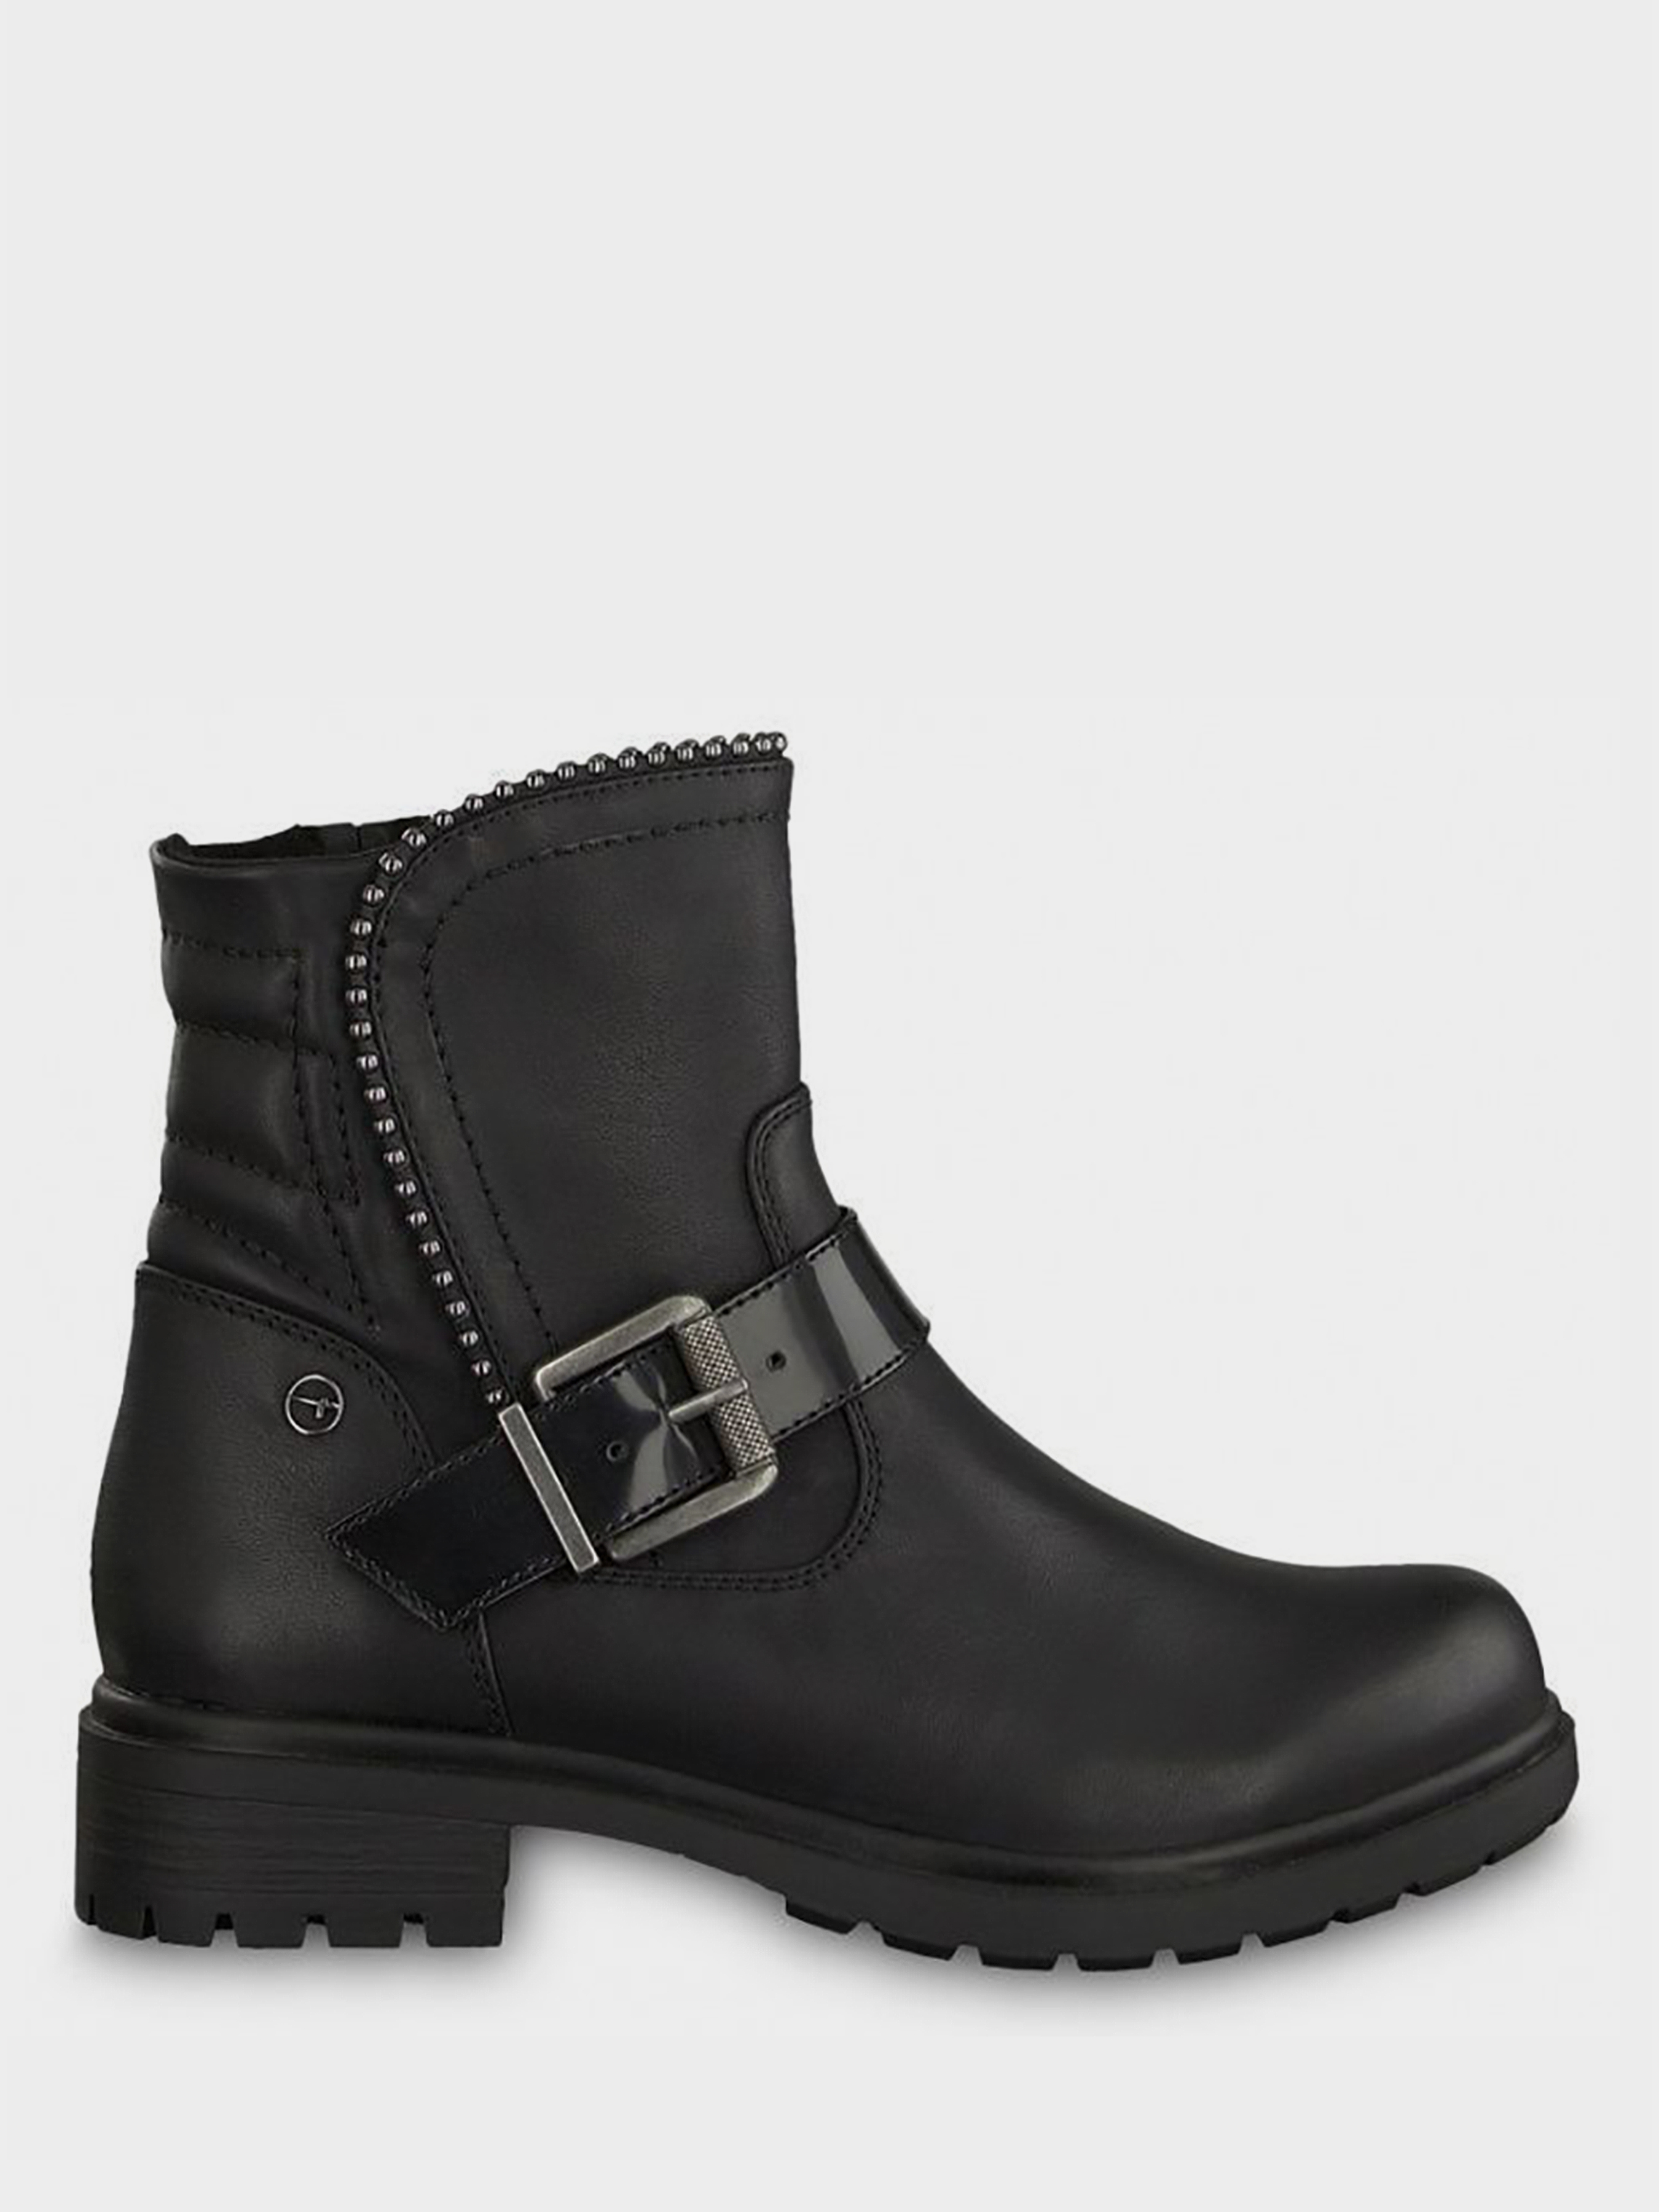 Ботинки для женщин Tamaris IS506 брендовые, 2017